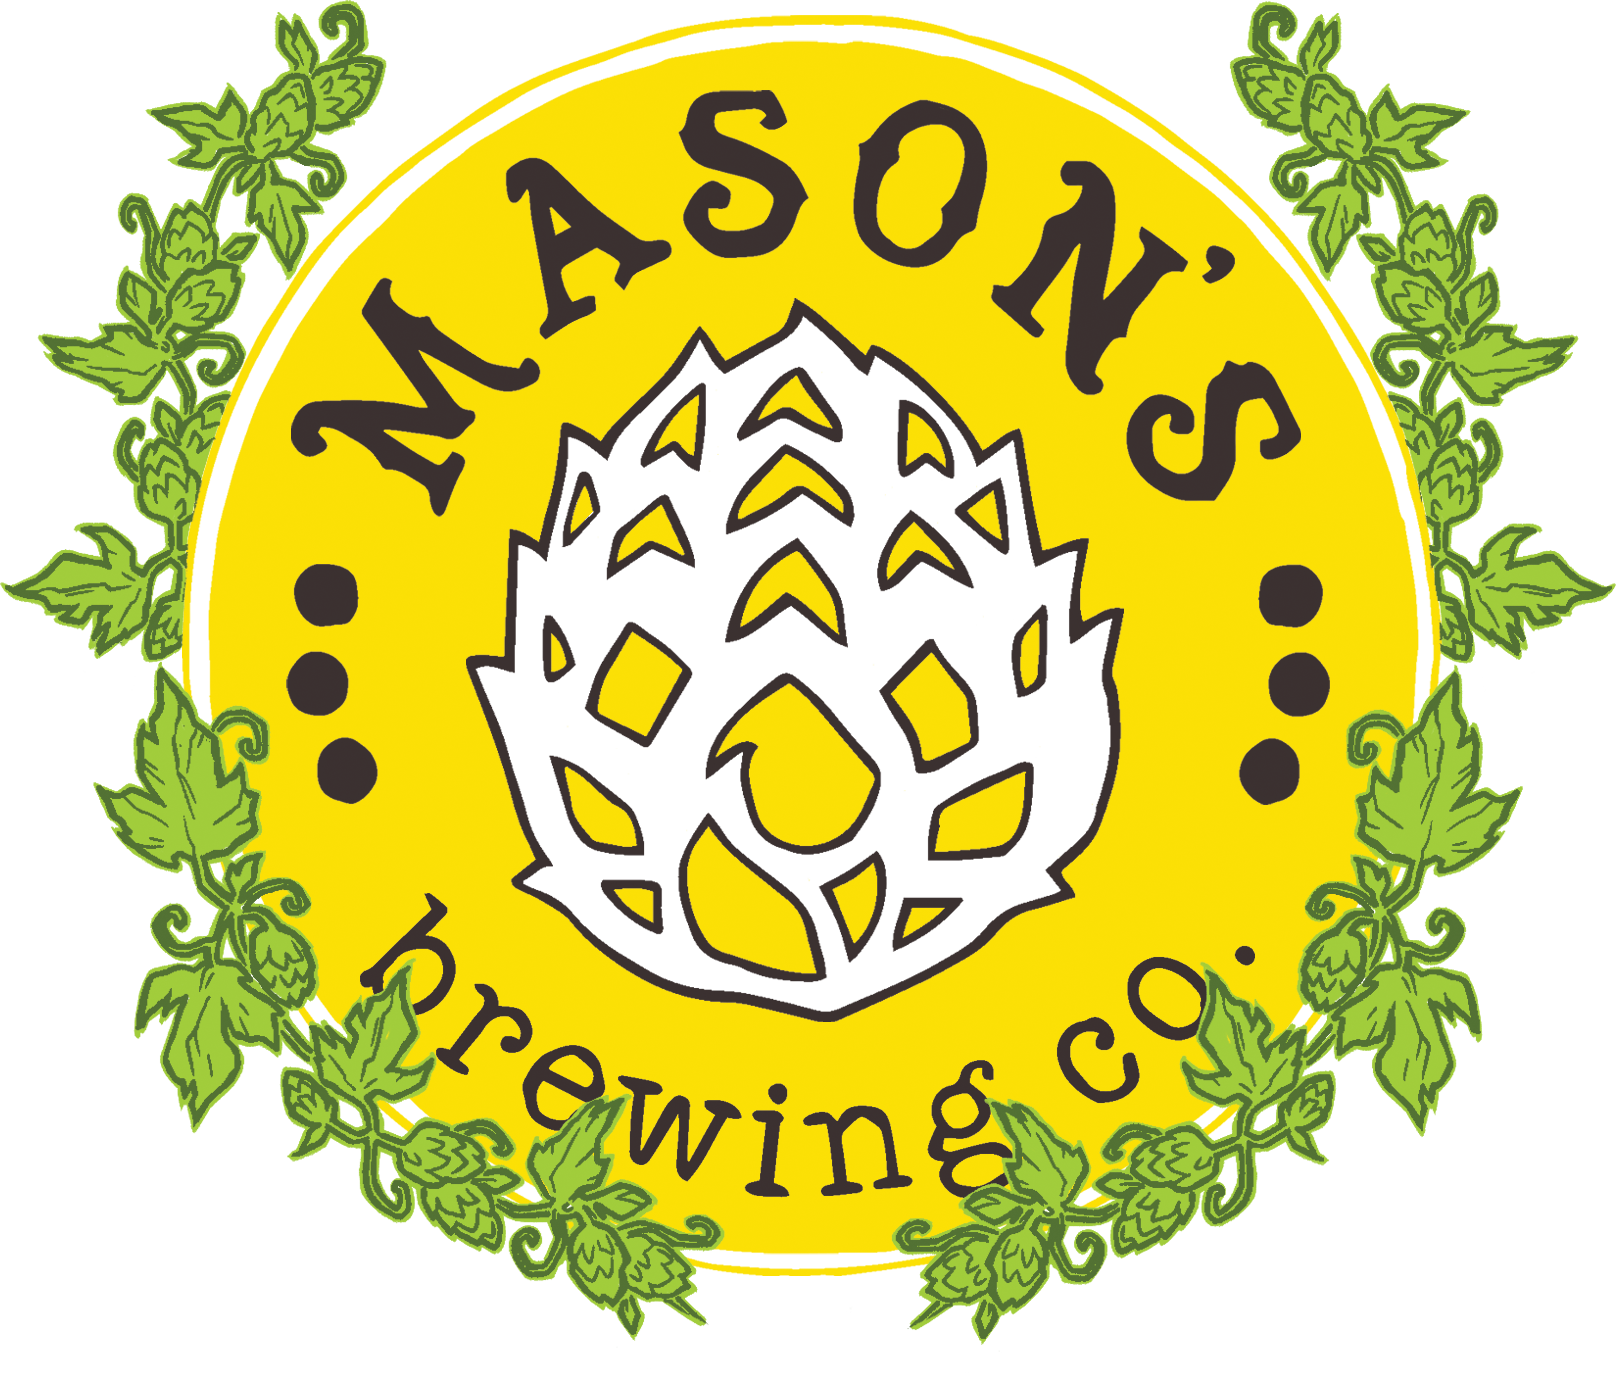 masons-yellow-logo-193586.png